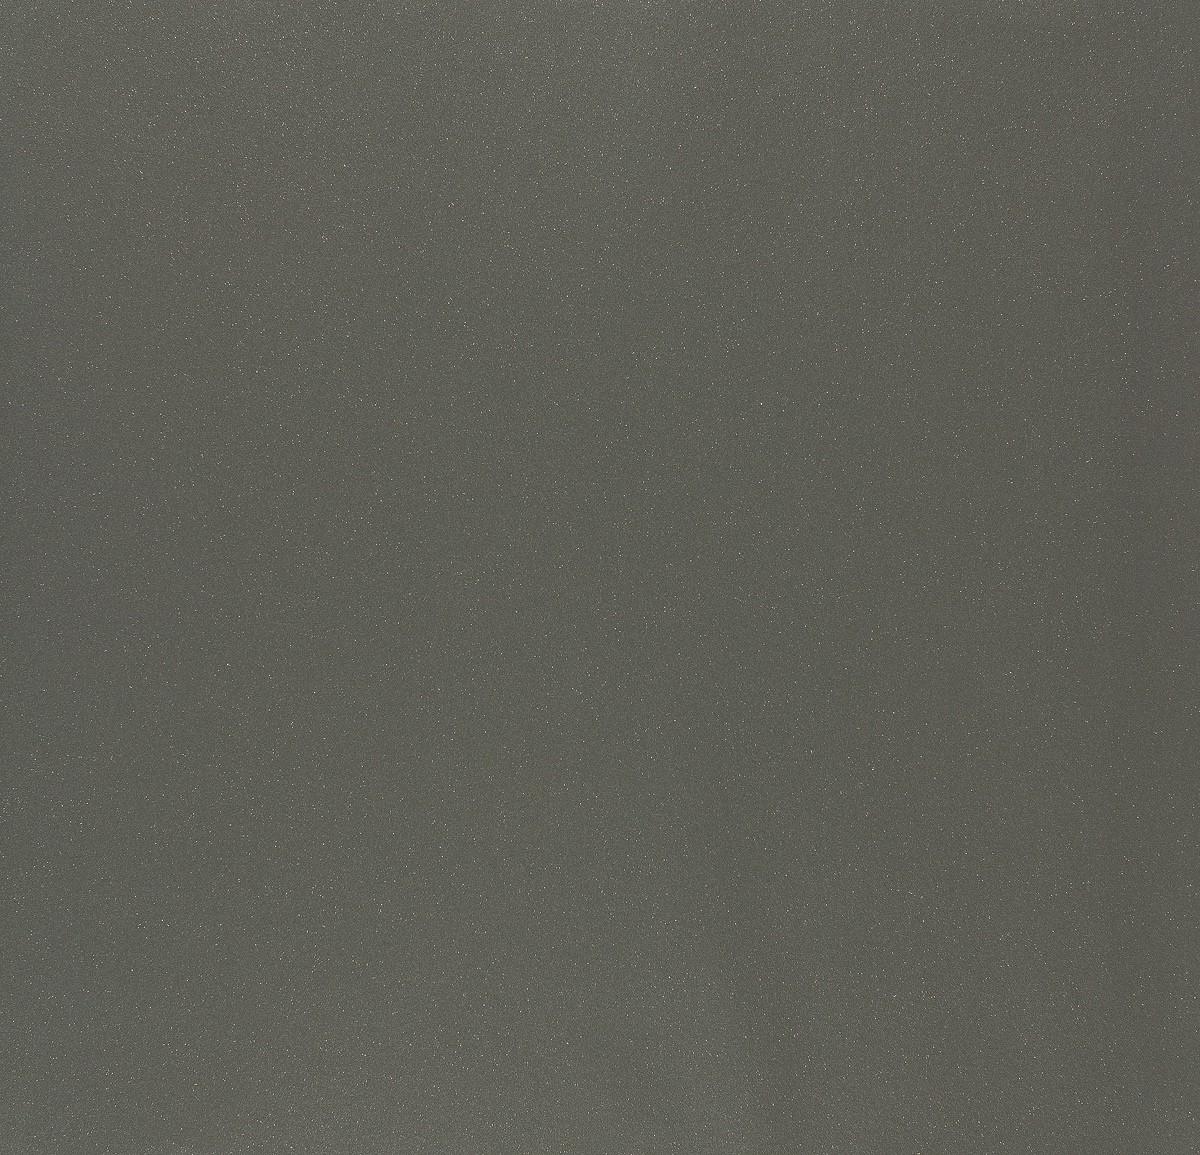 Tapete naf naf grau glitzer uni 9545 41 for Tapete glitzer grau